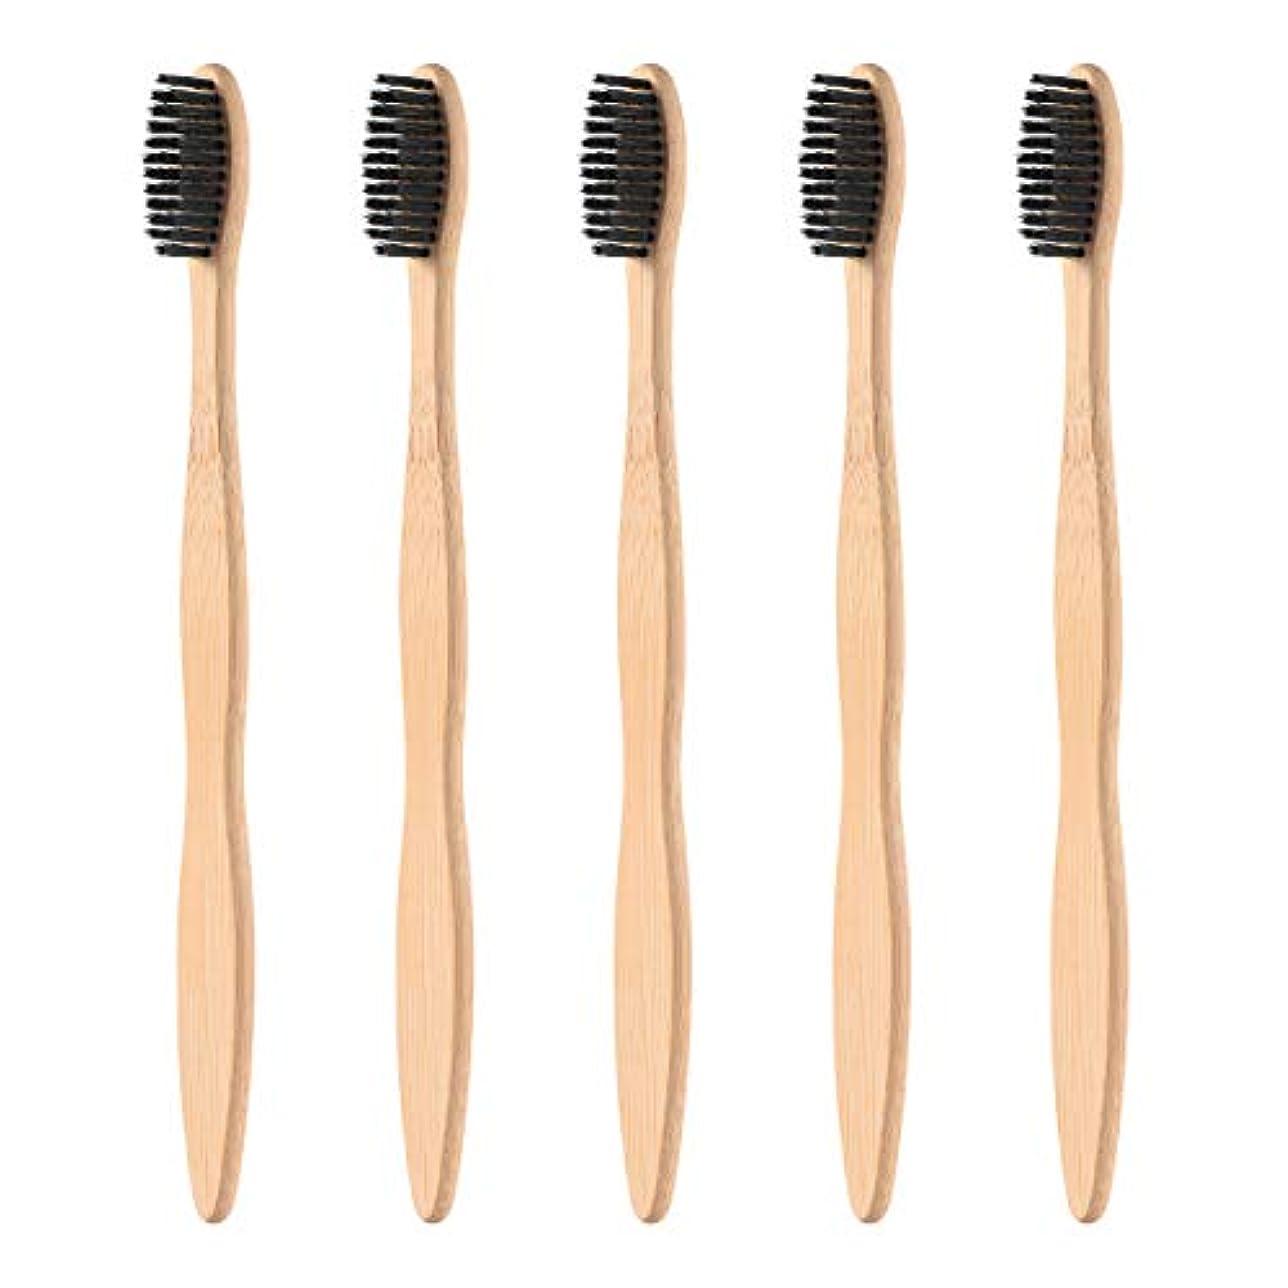 お誕生日キャプチャー抑圧者Healifty タケ環境的に歯ブラシ5pcsは柔らかい黒い剛毛が付いている自然な木のEcoの友好的な歯ブラシを扱います